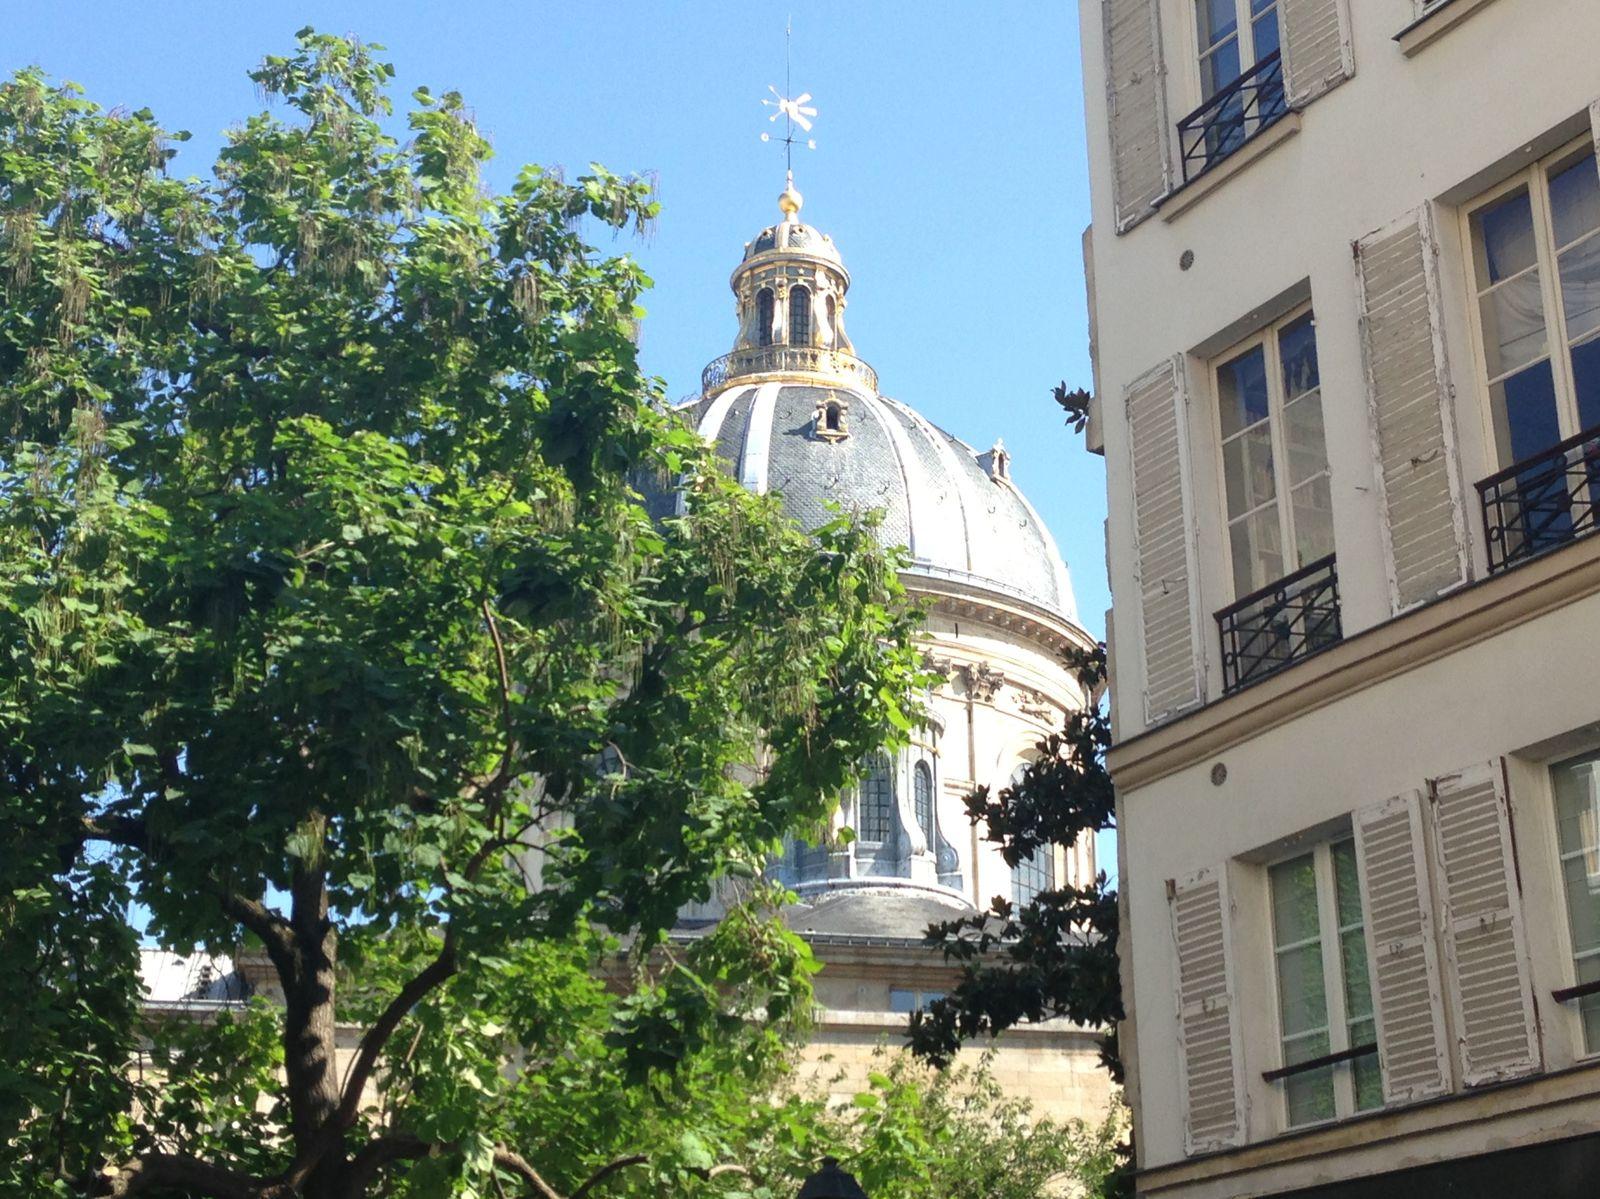 L'Institut de France qui abrite cinq Académies : Académie Française,  Académie des sciences, Académie des Beaux-Arts, Académie des belles lettres et Académie des sciences morales et politiques.